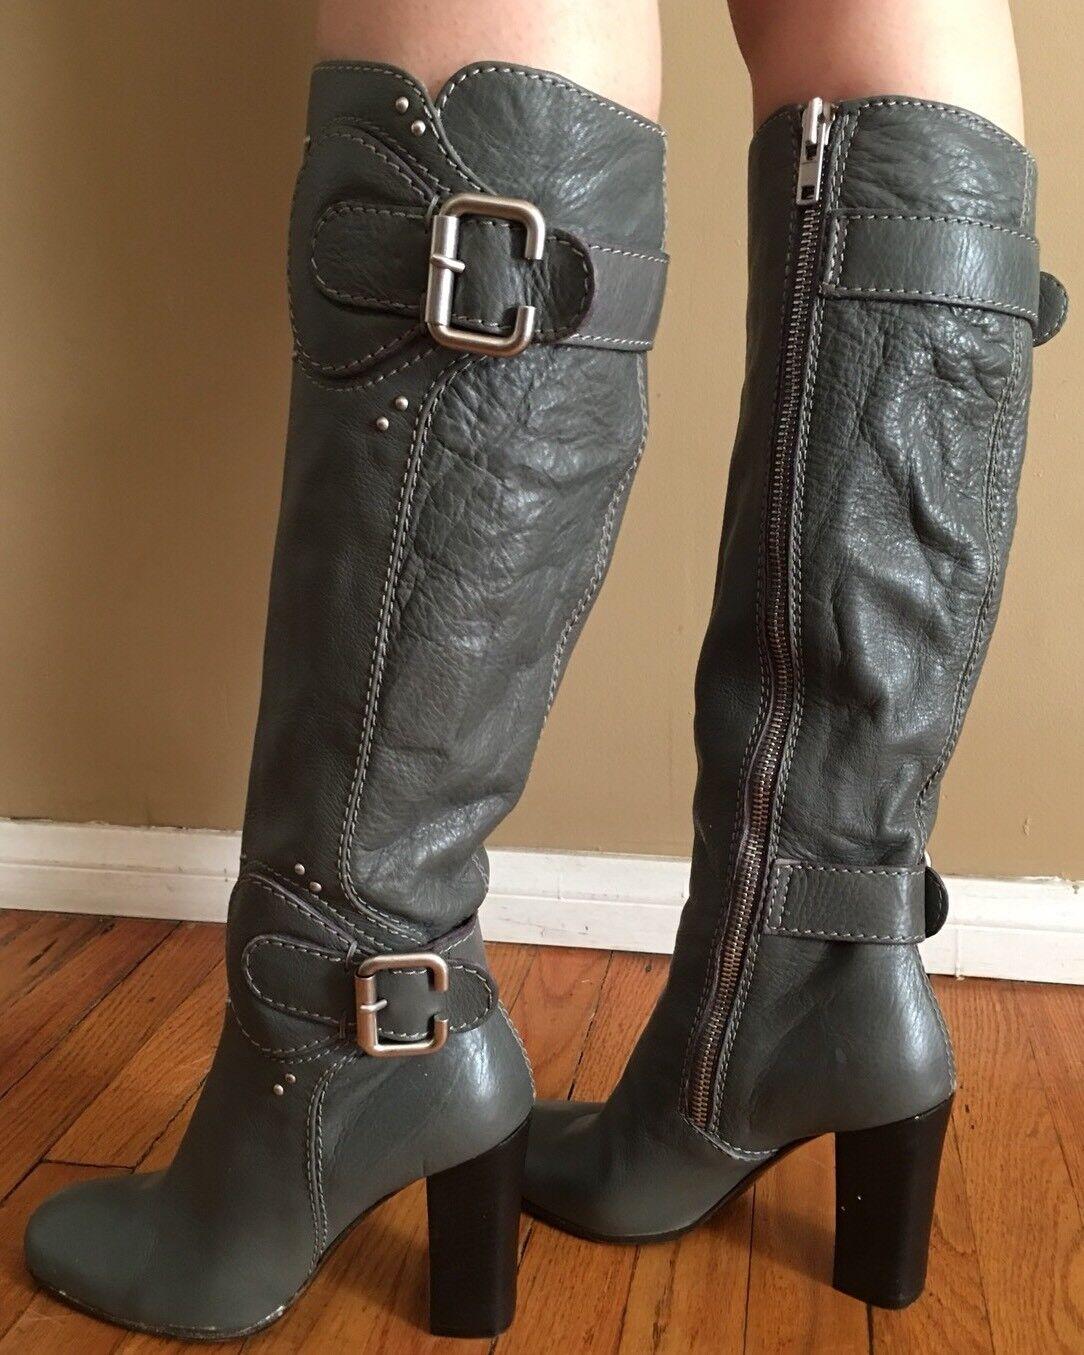 all'ingrosso a buon mercato CHLOE PADDINGTON  grigio Leather KNEE HIGH avvio SZ 38.5 38.5 38.5  elementi di novità